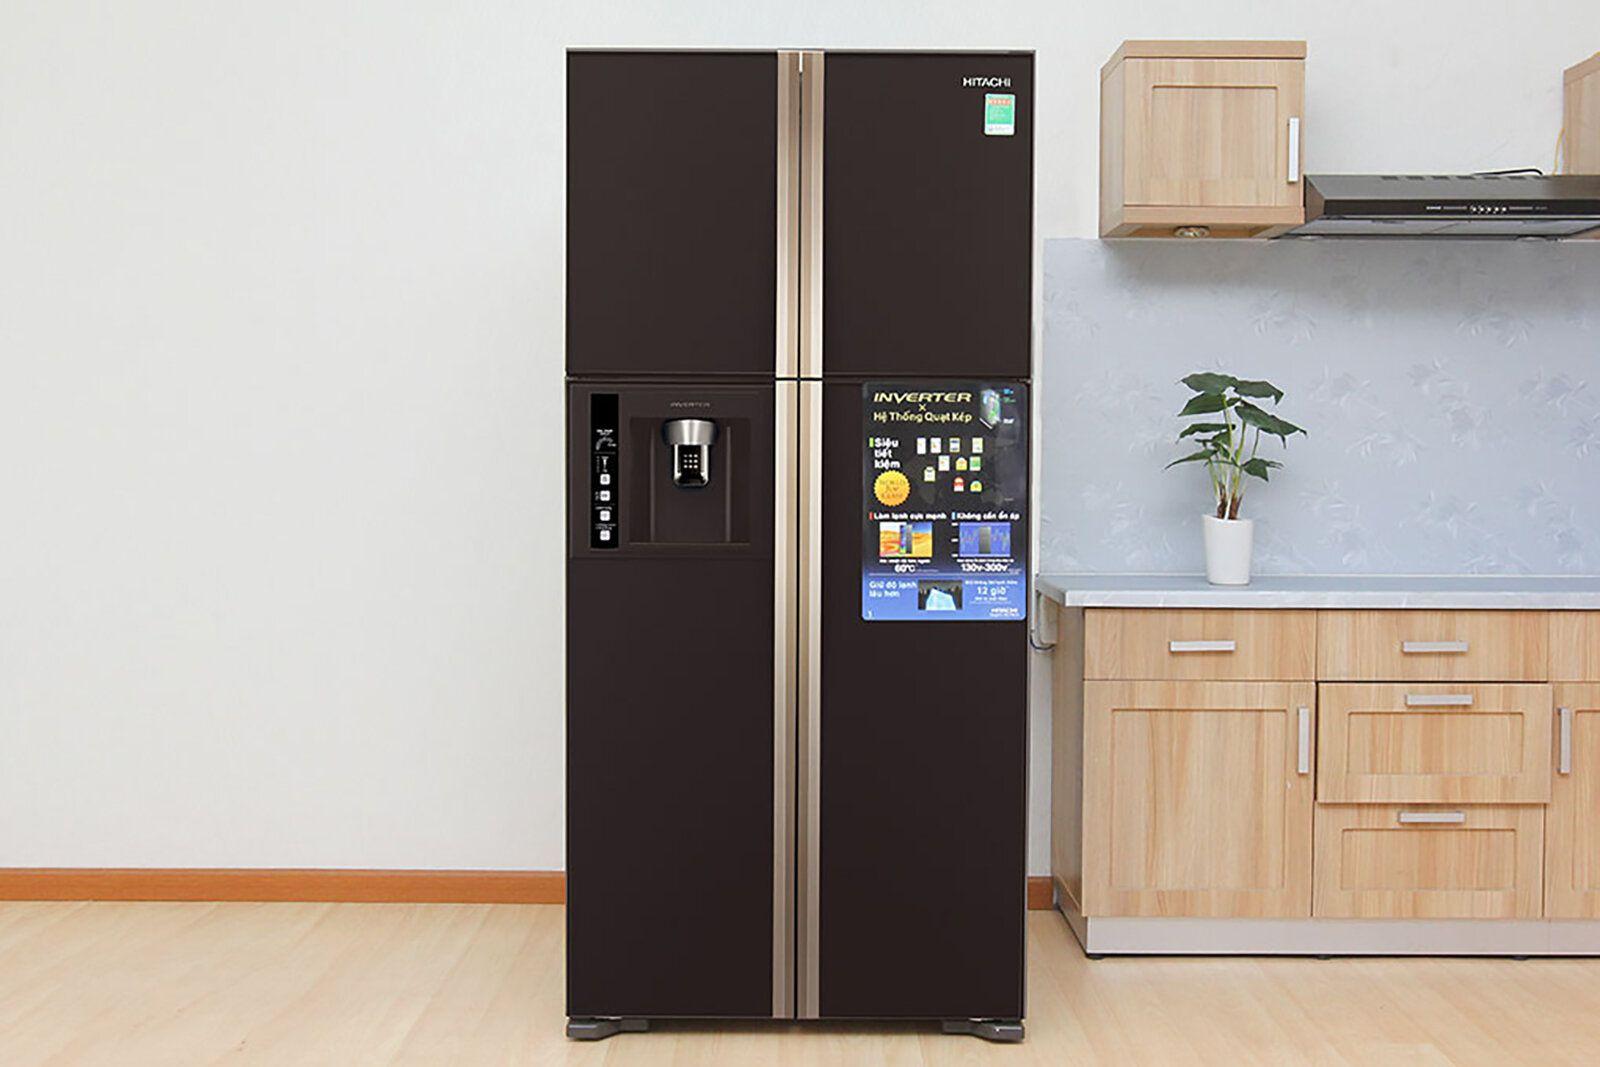 Có nên mua tủ lạnh Inverter cho gia đình không?